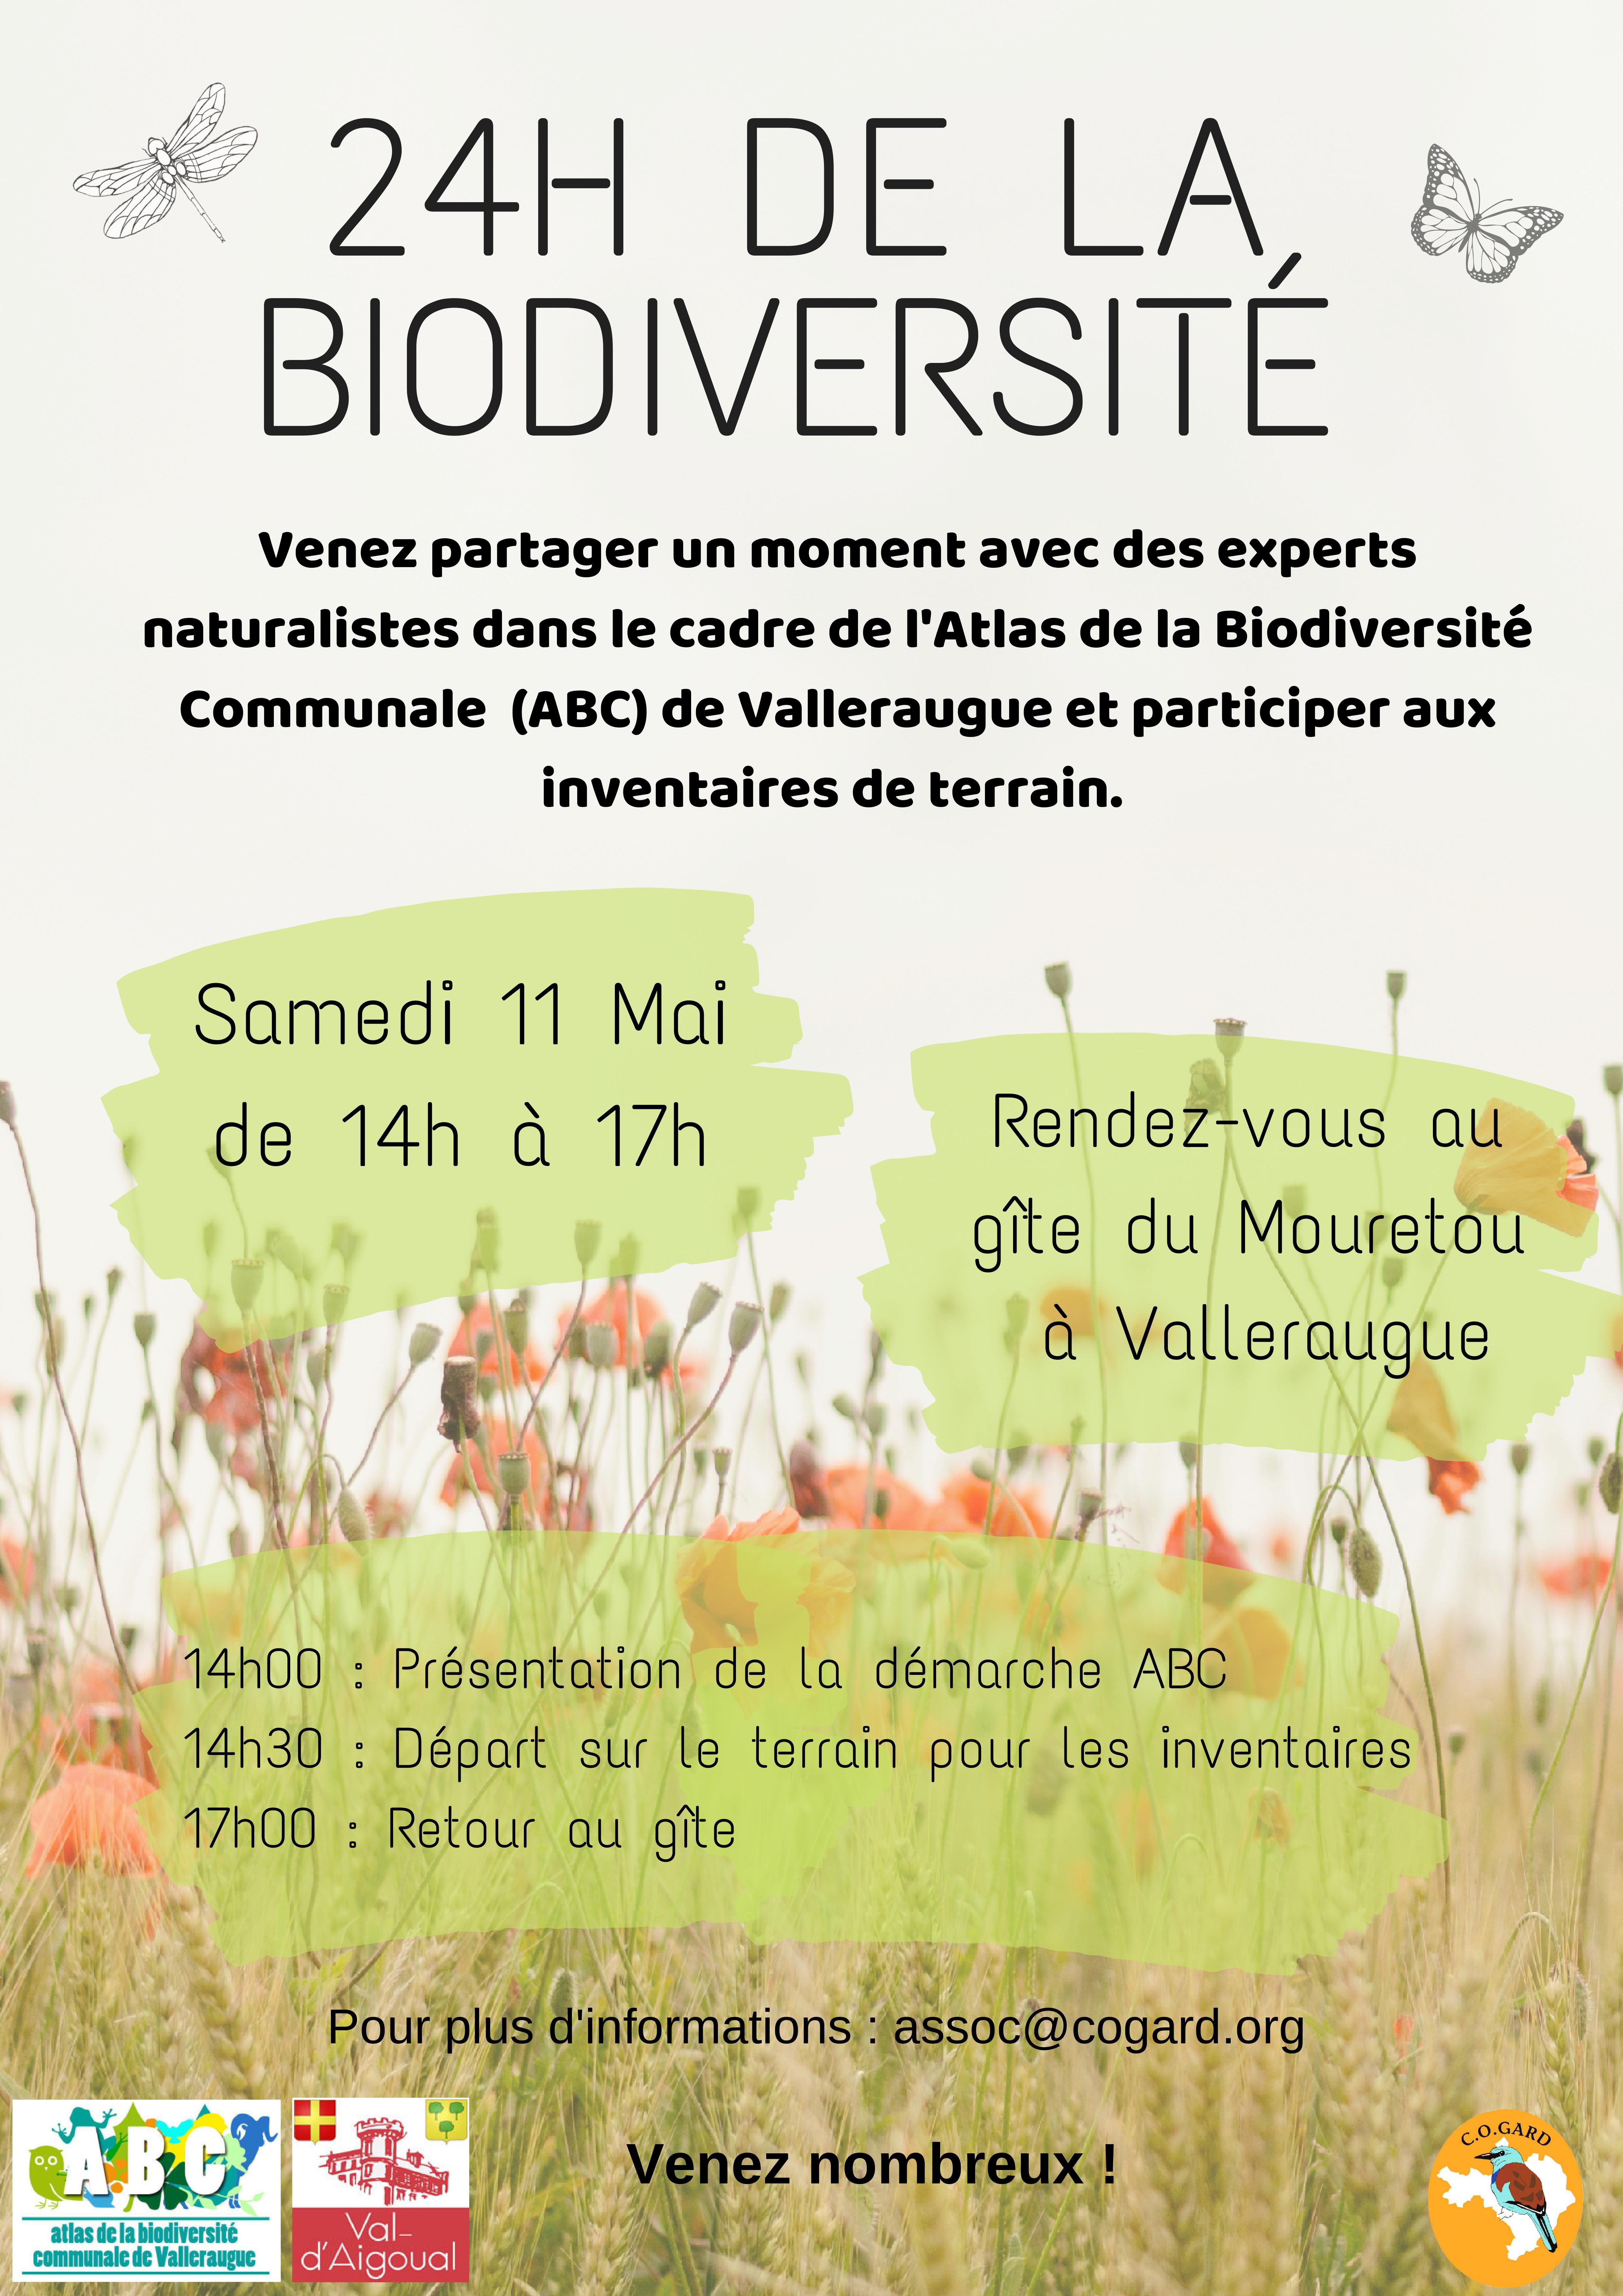 Week-end naturaliste à Valleraugue